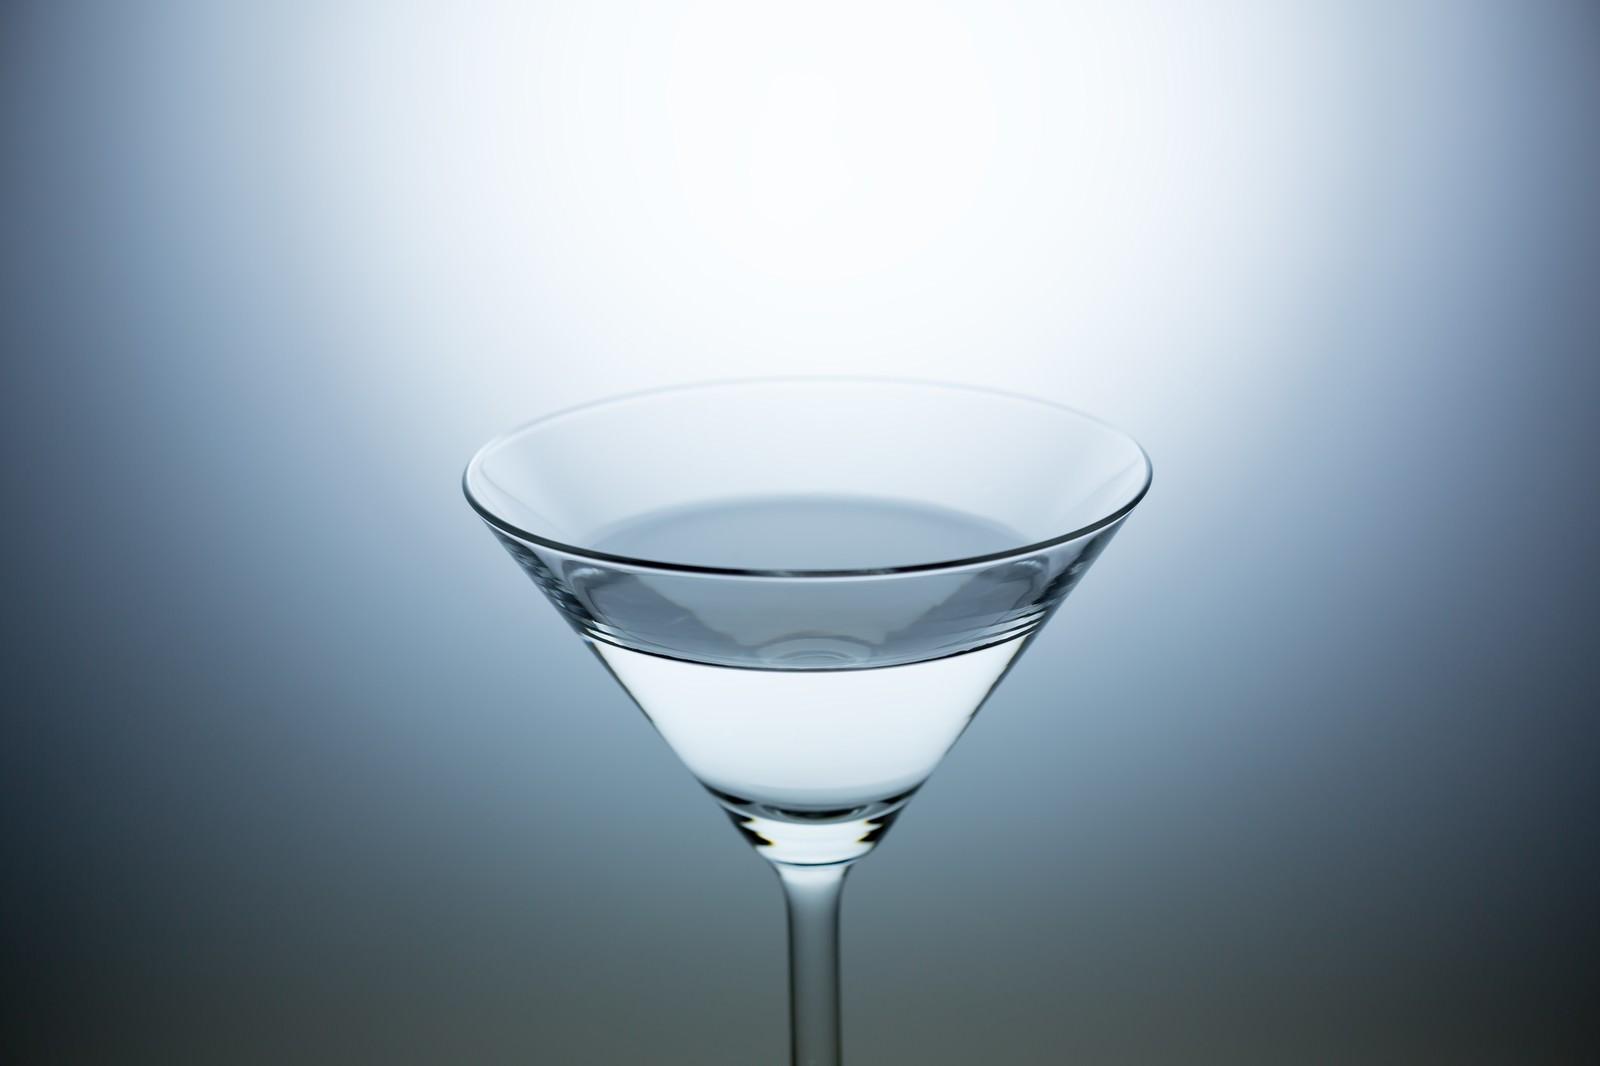 「水(酒)が入ったカクテルグラス」の写真